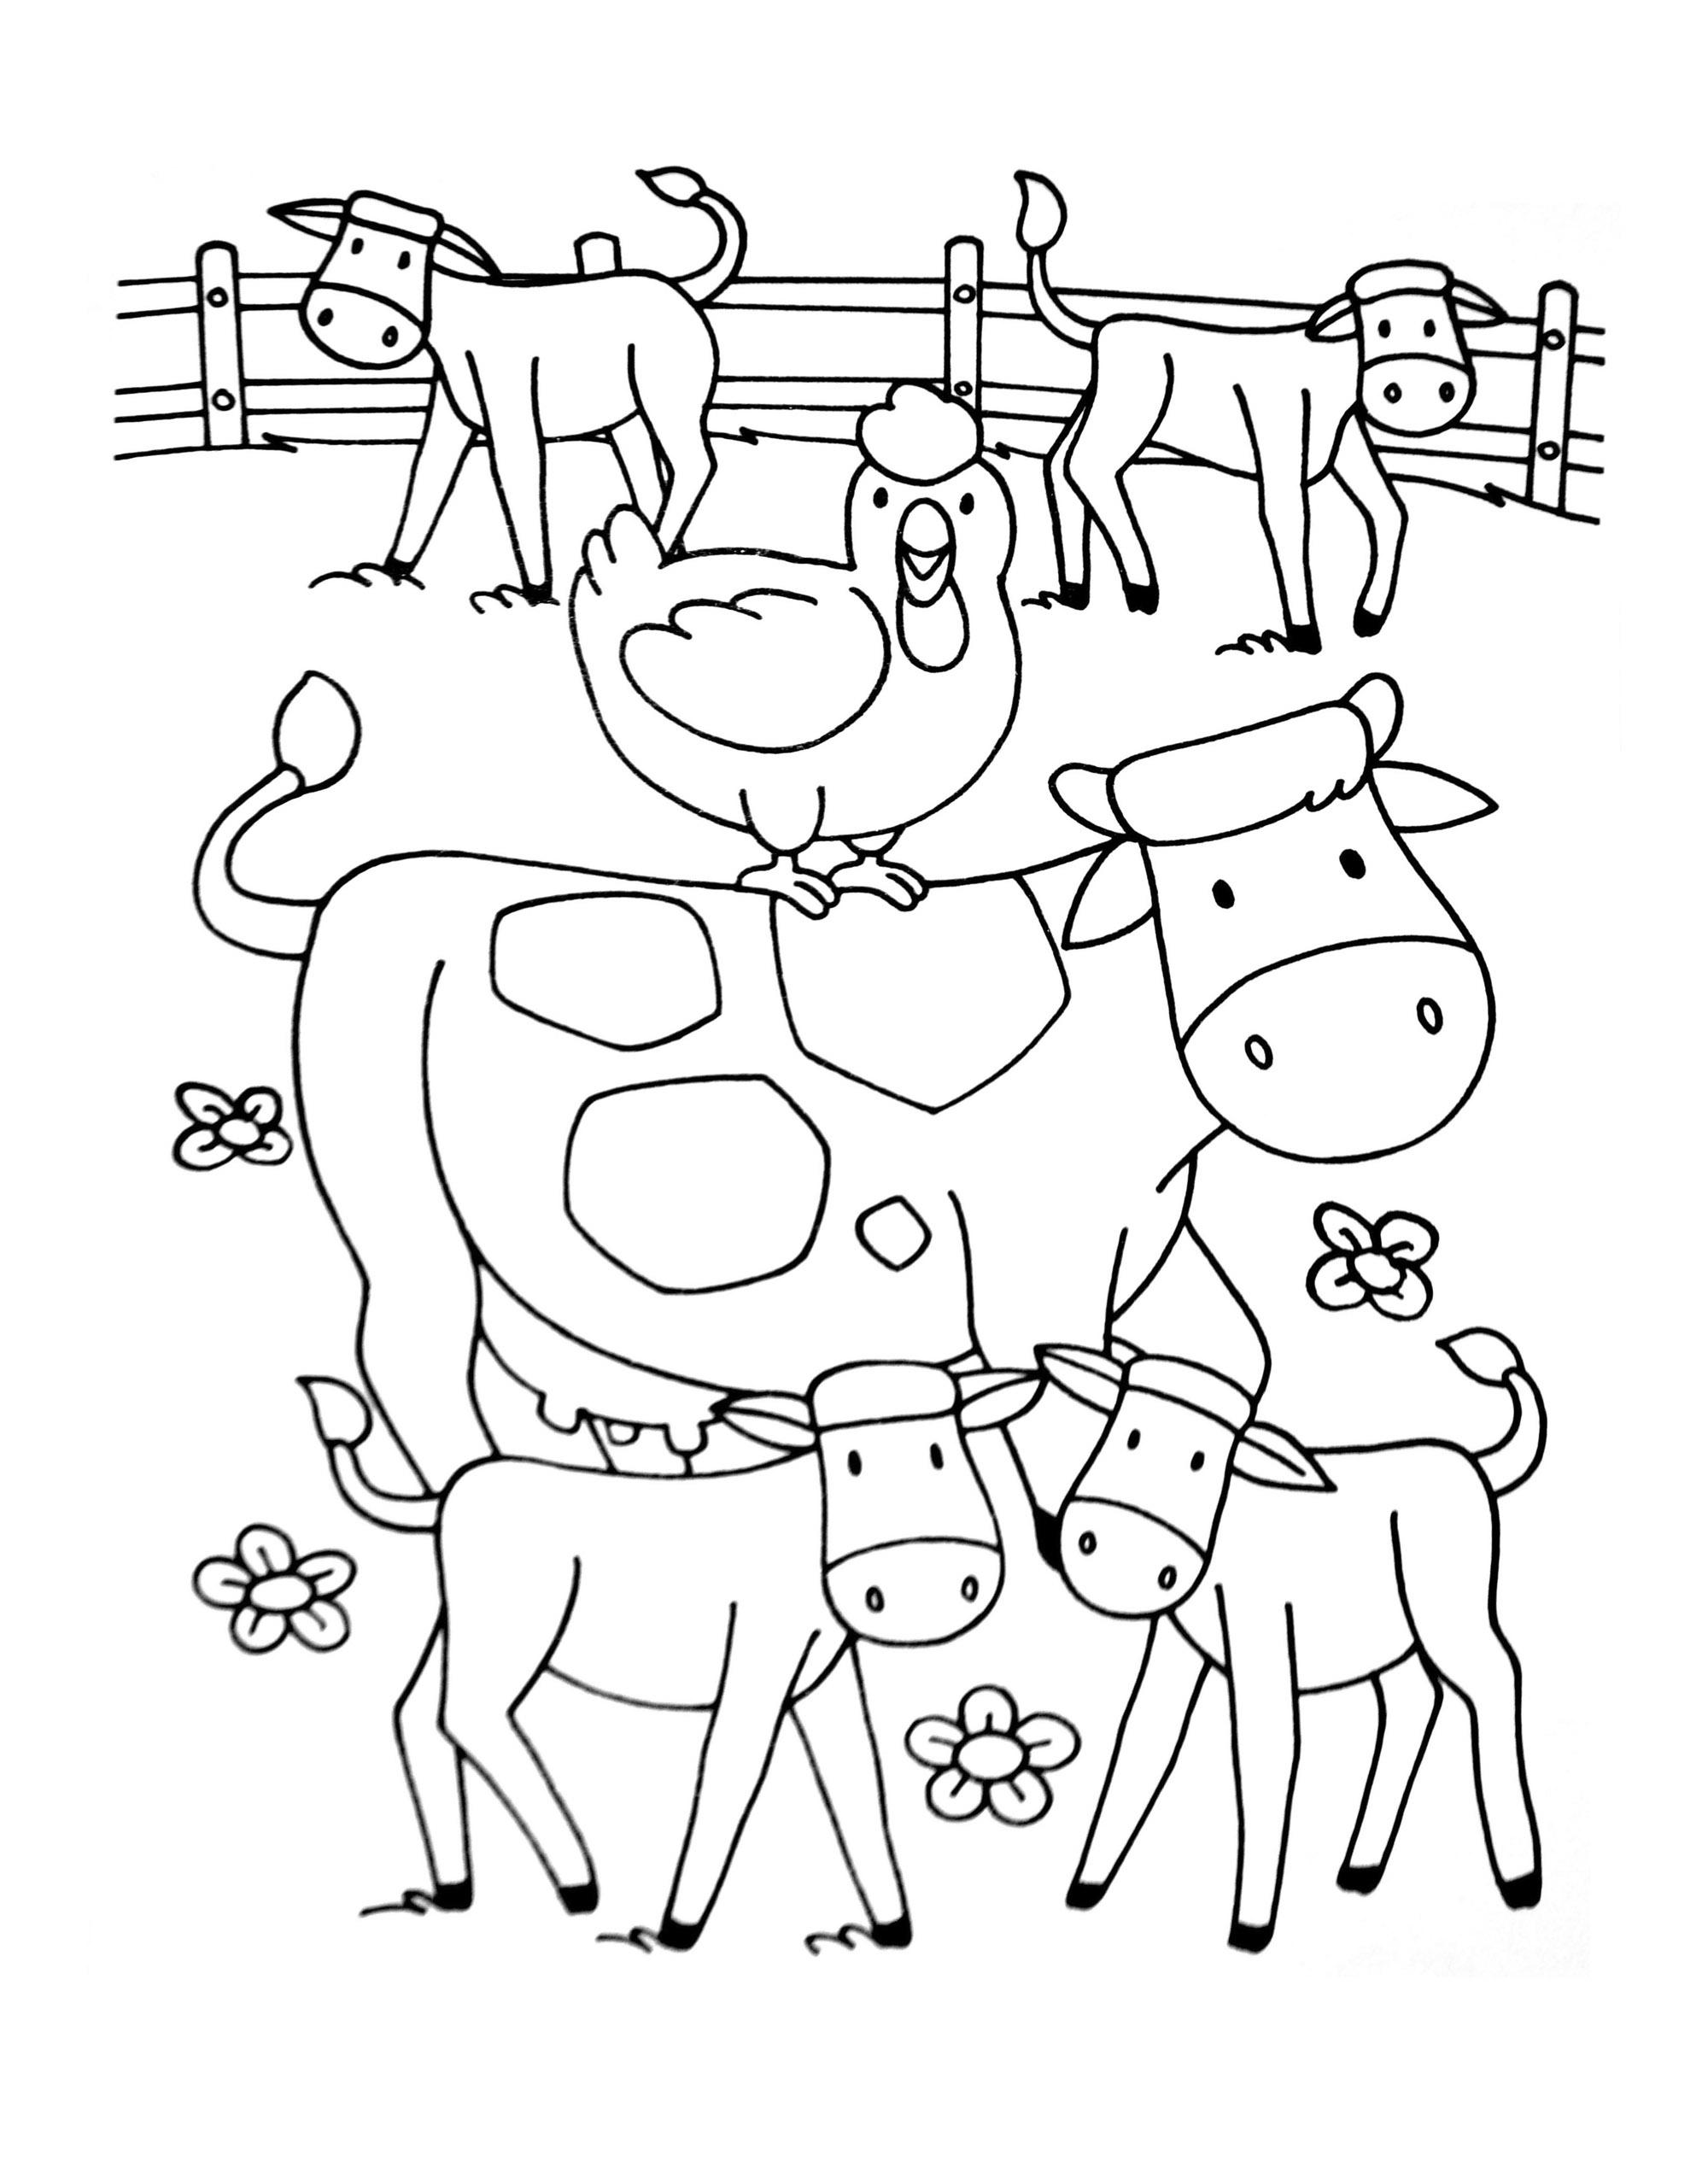 Coloriage Sur La Ferme (Tracteurs, Fermier, Animaux destiné Dessin De Tracteur À Colorier